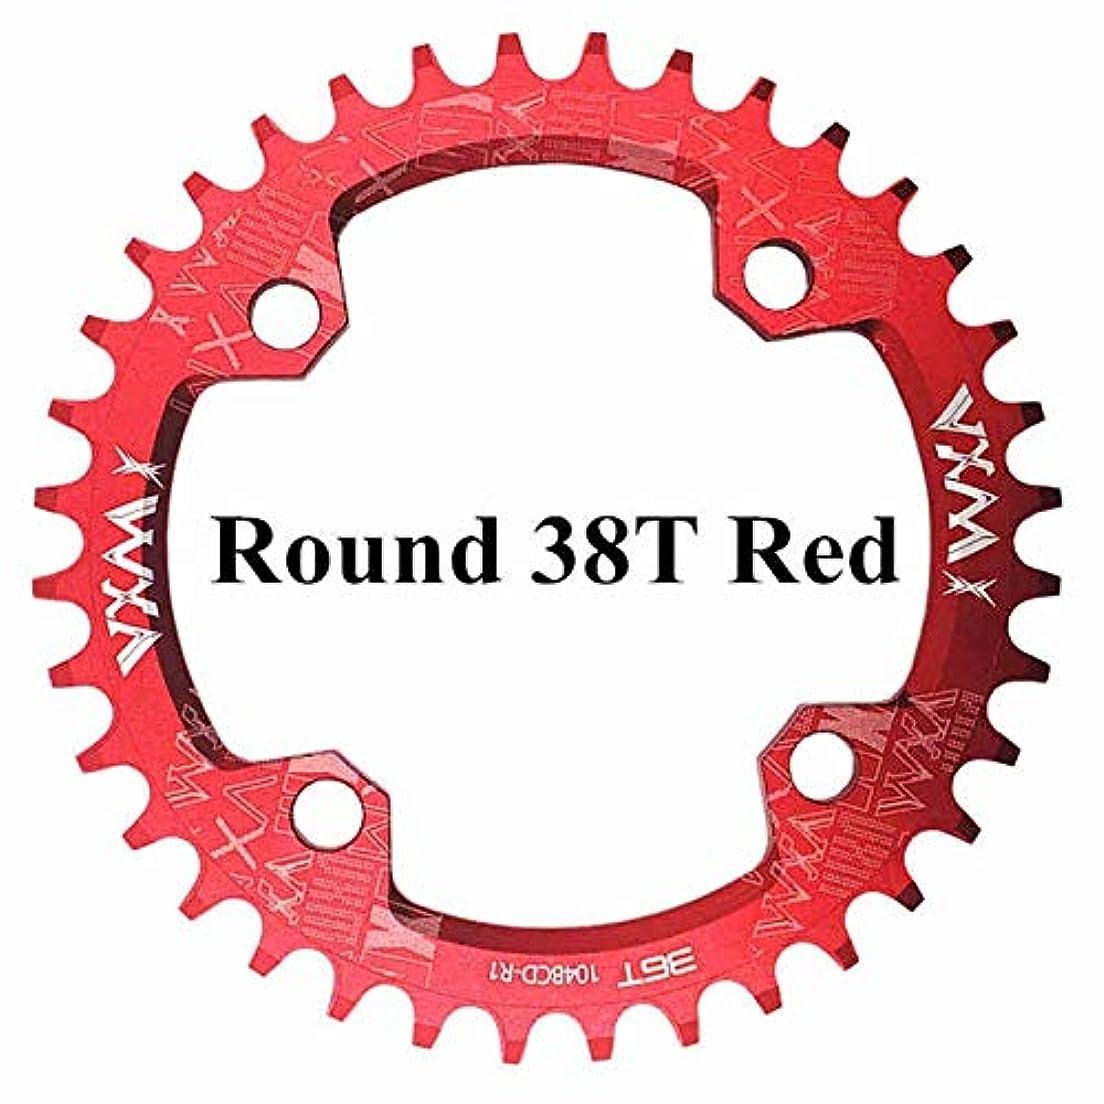 流す放射する所属Propenary - 自転車104BCDクランクオーバルラウンド30T 32T 34T 36T 38T 40T 42T 44T 46T 48T 50T 52TチェーンホイールXT狭い広い自転車チェーンリング[ラウンド38Tレッド]